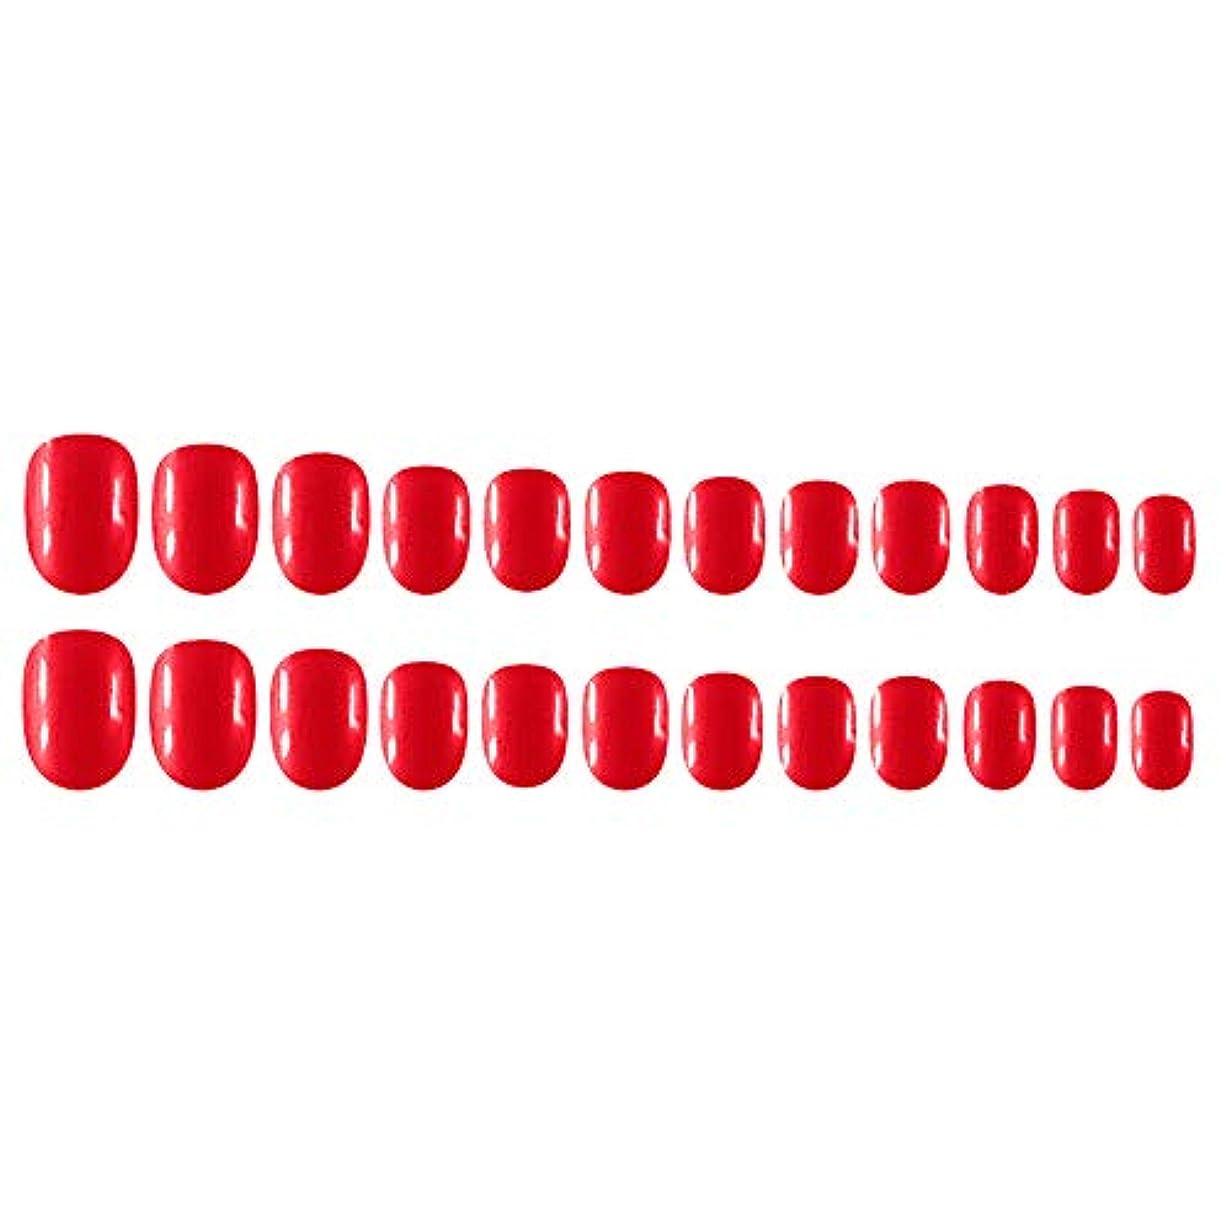 かかわらずロール真向こうDecdeal Decdeal ネイルチップ 24ピース 12異なるサイズ diy サロン ネイルアートツール 偽